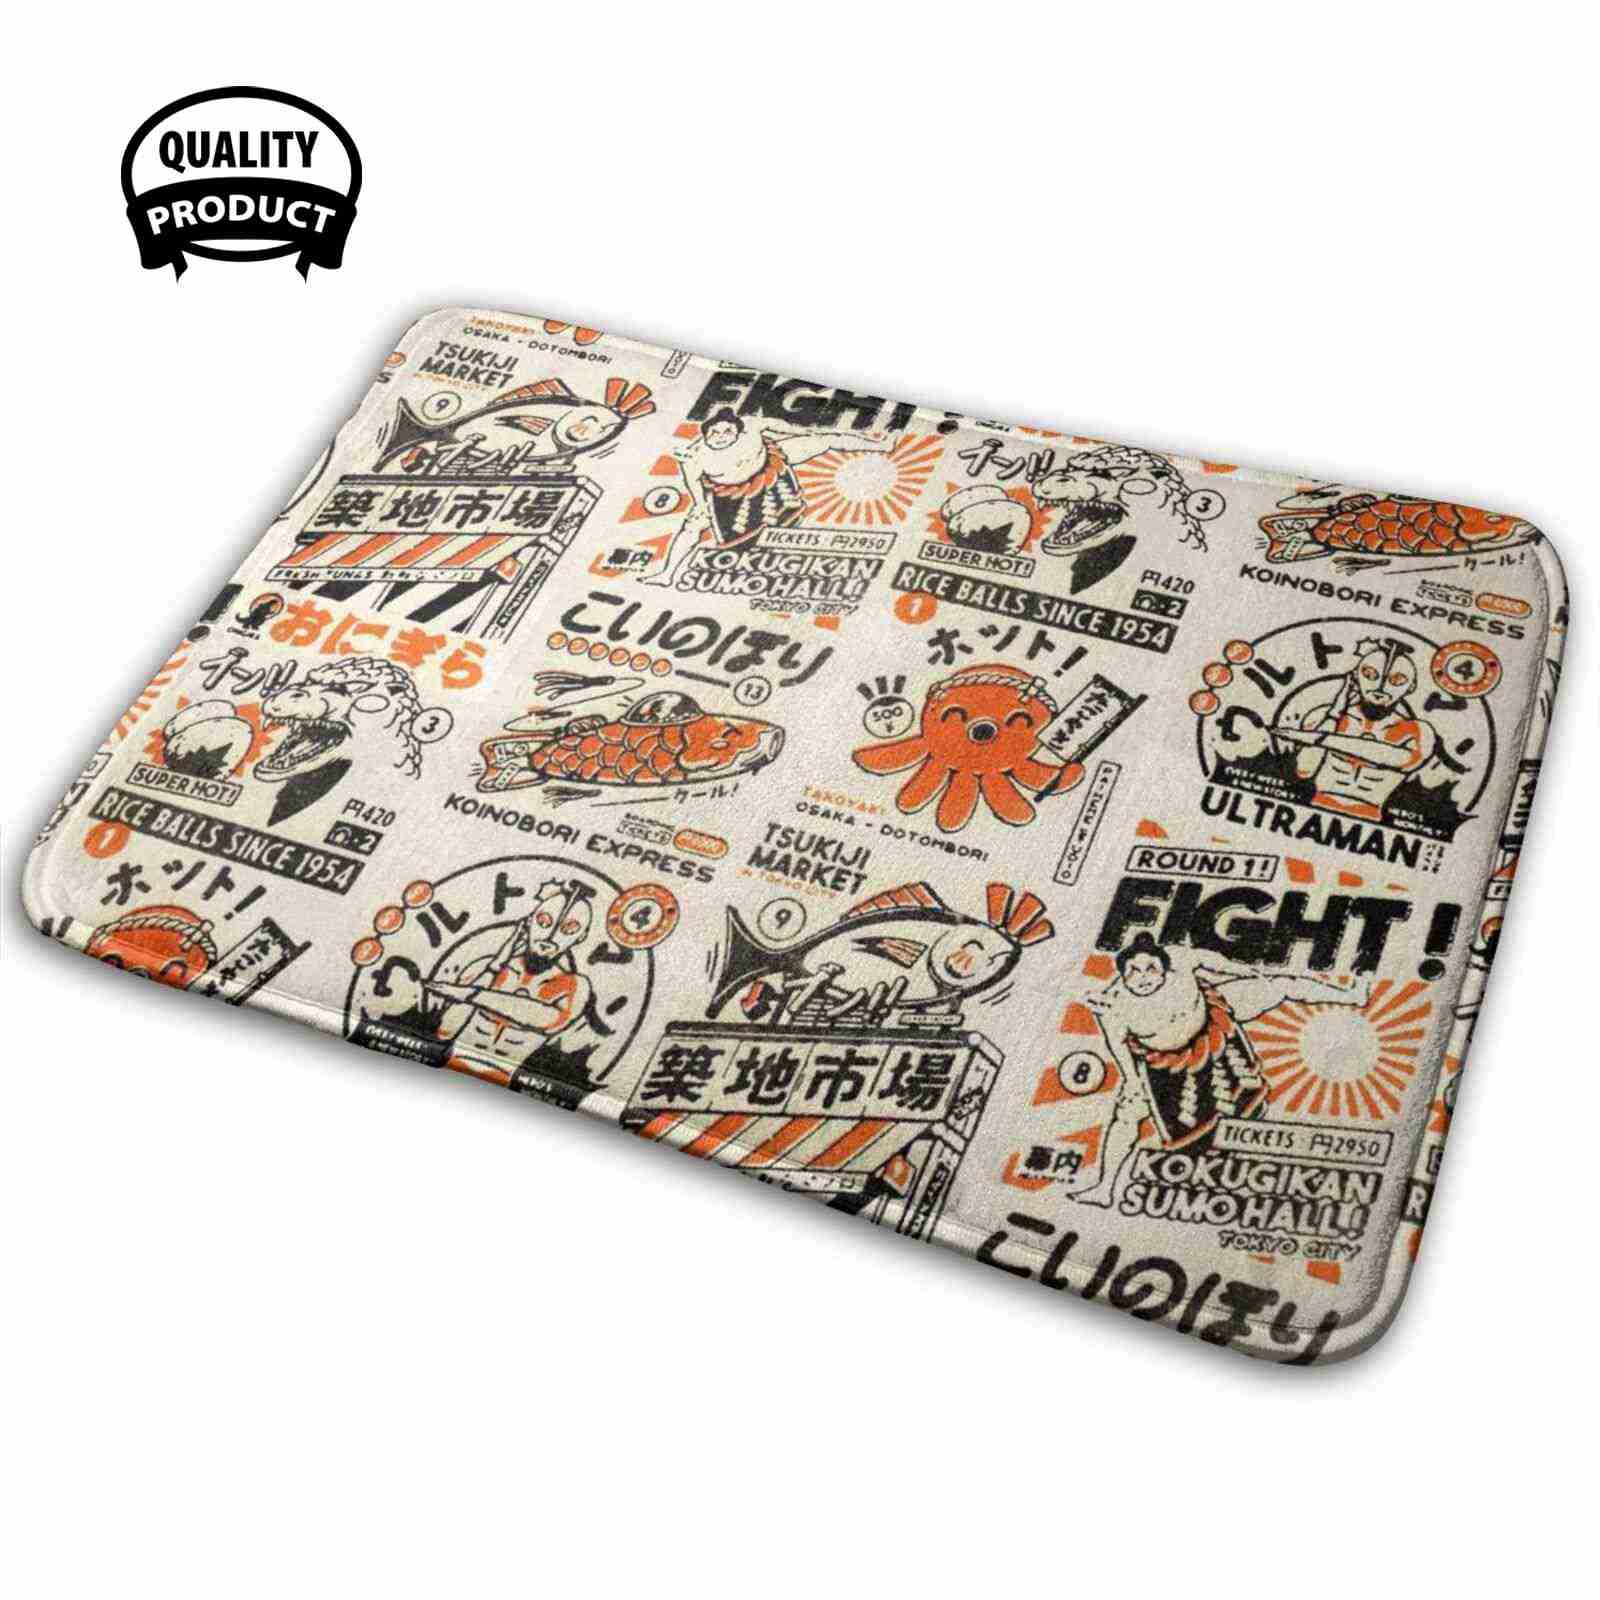 Superstrike-alfombra suave de entrenamiento de gimnasia, tapete antideslizante japonés para casa familiar, deporte para acampar al aire libre, Fitness, cachorro francés, perro y gato